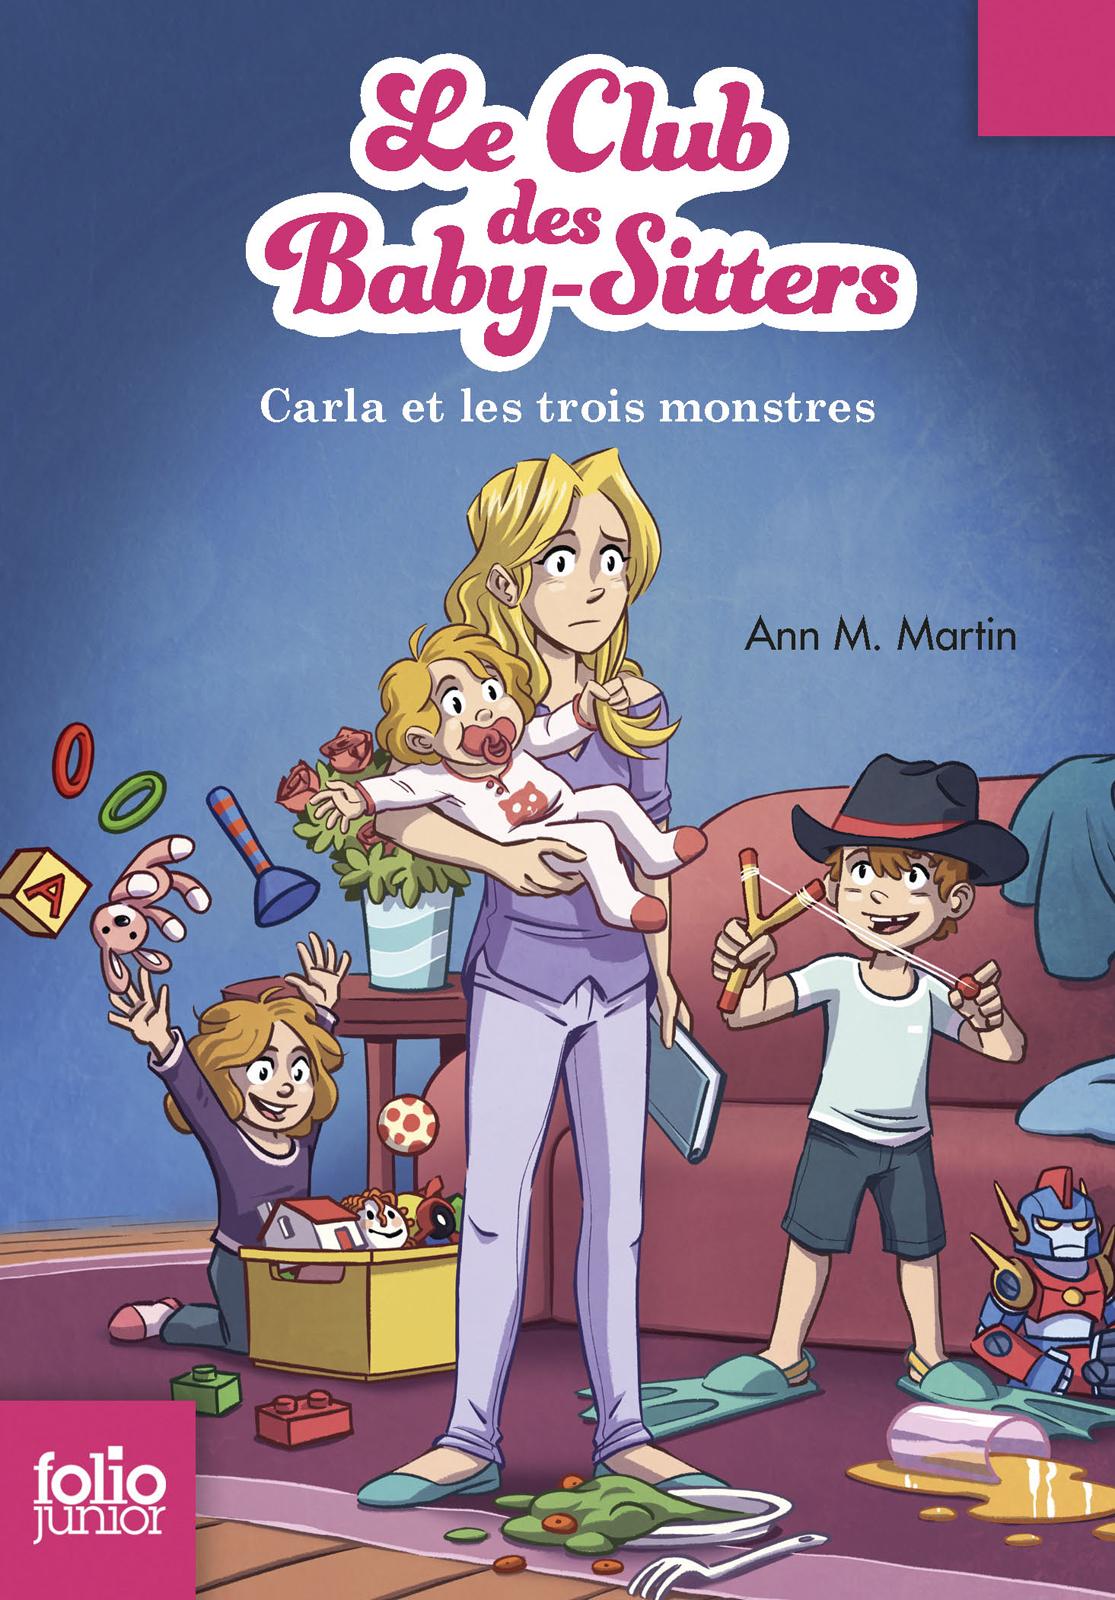 Le Club des baby-sitters (Tome 5) - Carla et les trois monstres